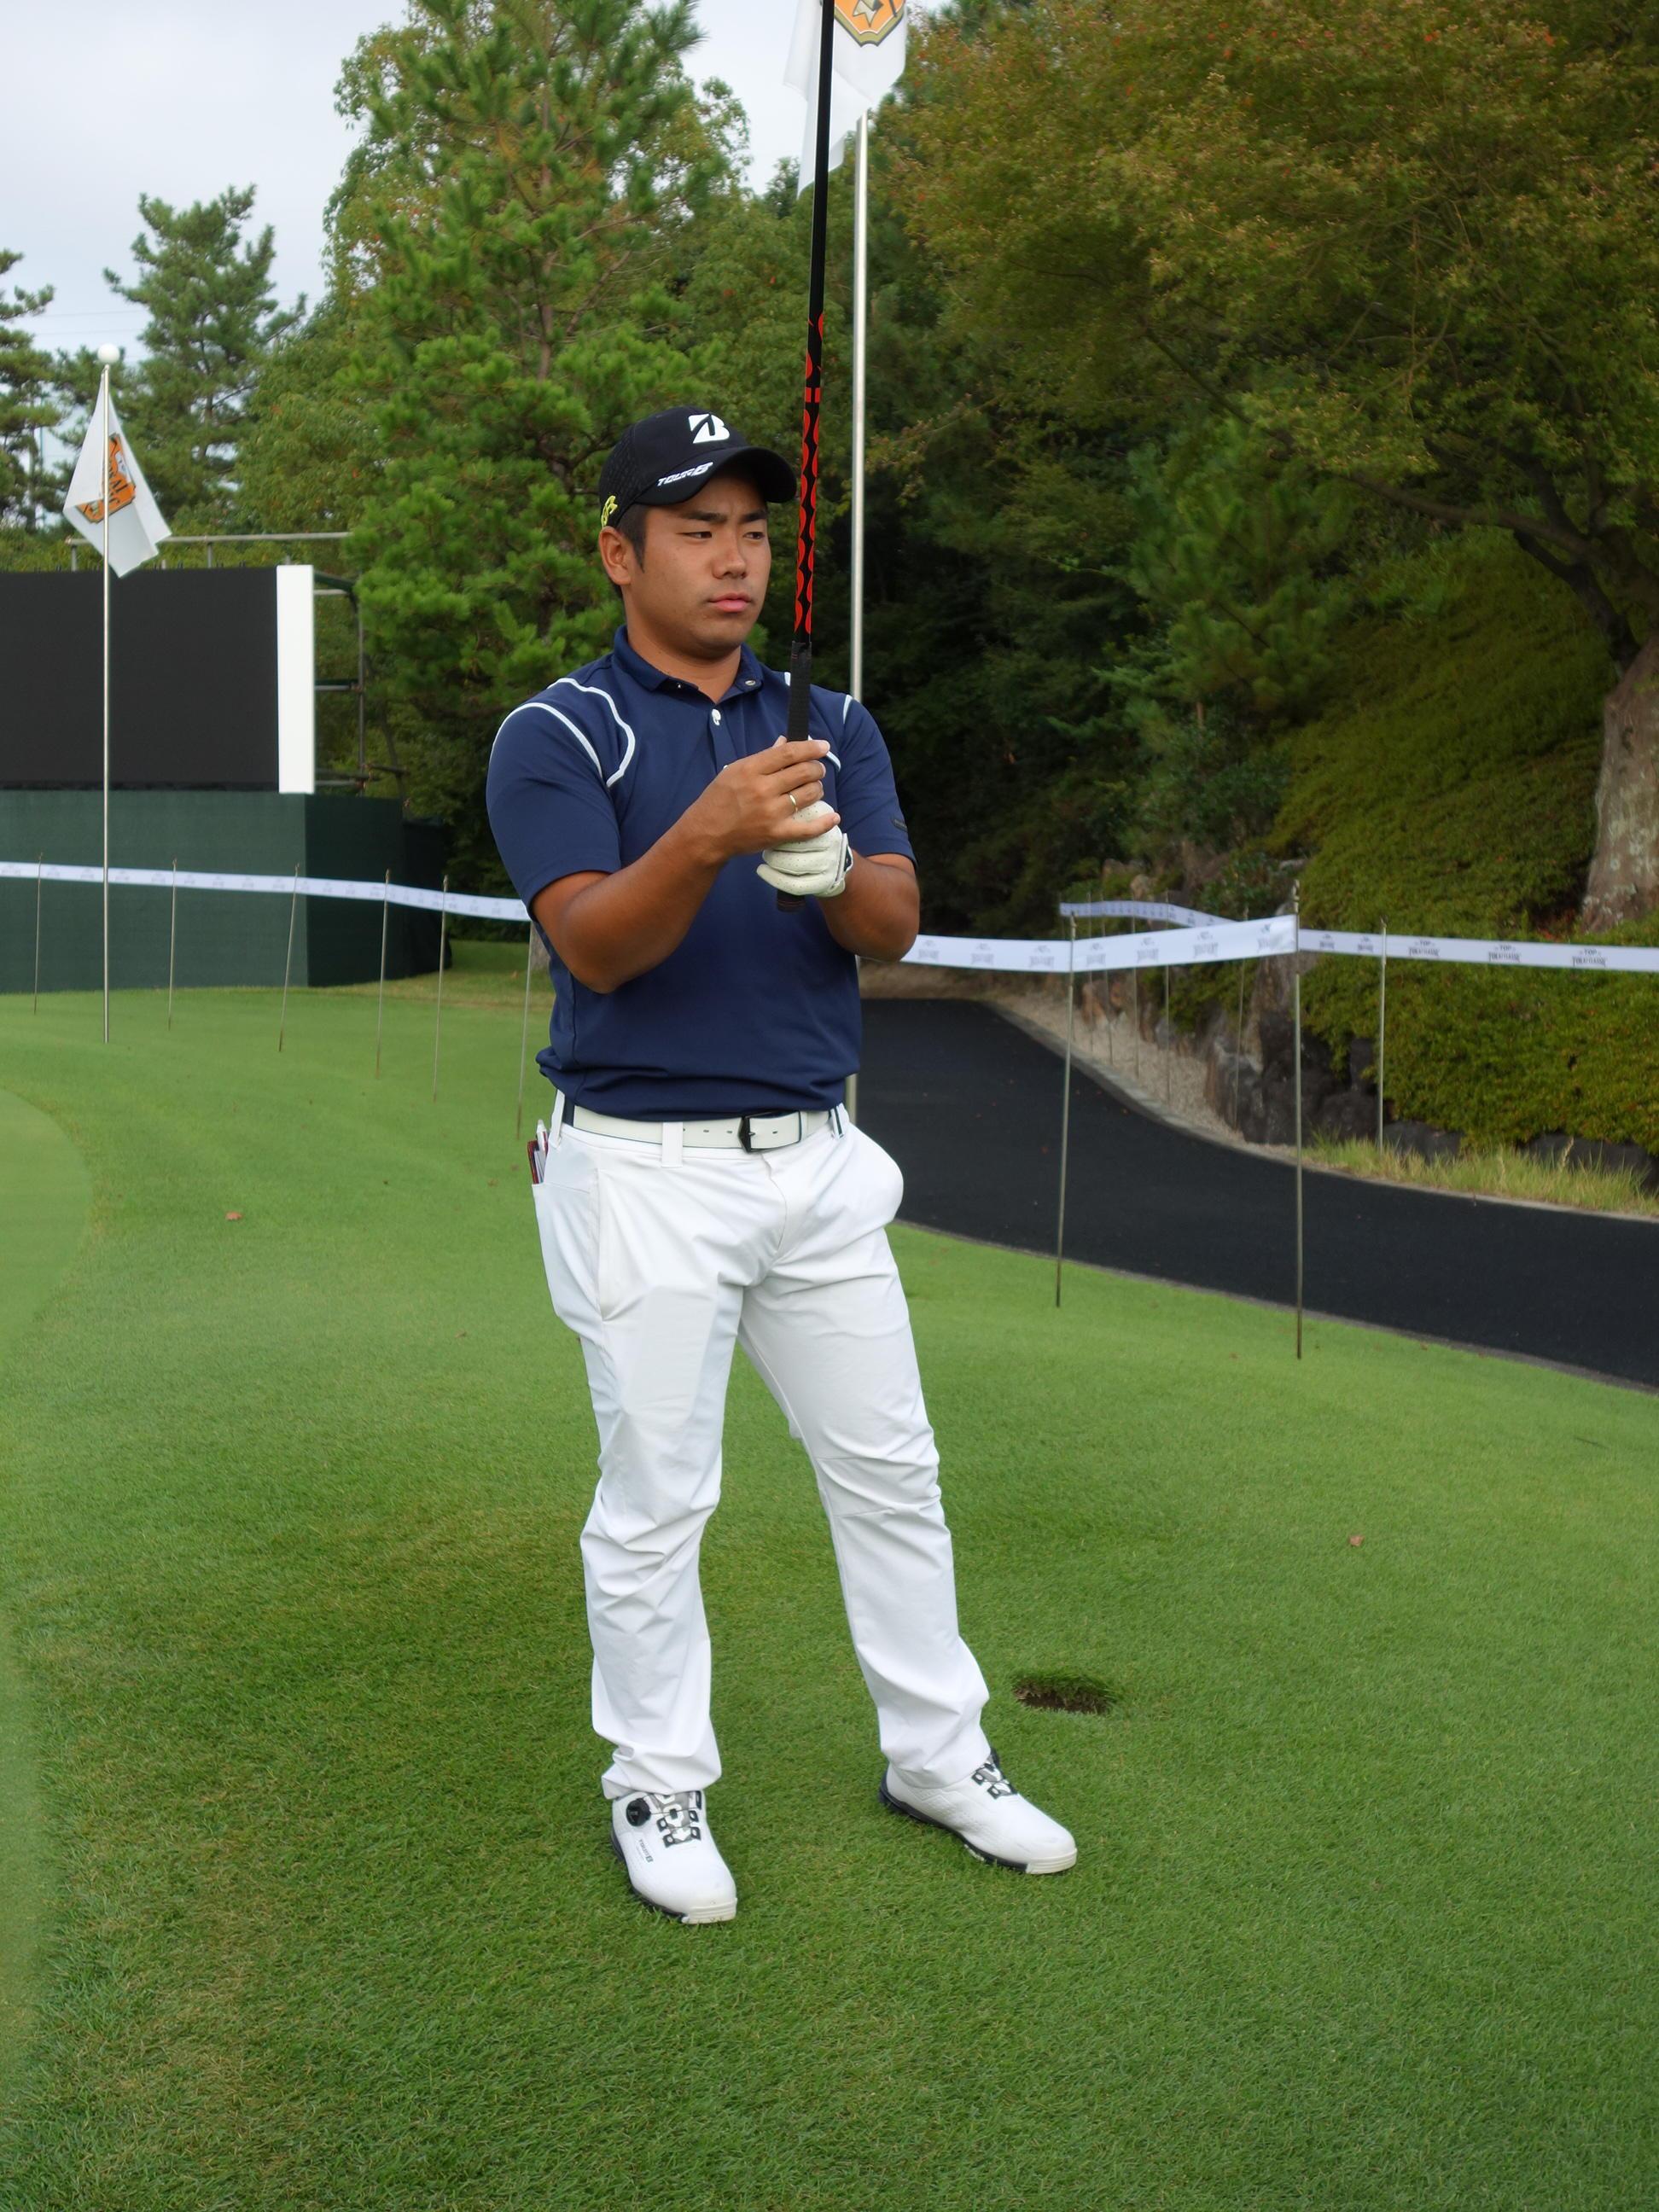 https://www.bs-golf.com/pro/396aa1213df3df96a13882754dde84f2de08e994.JPG